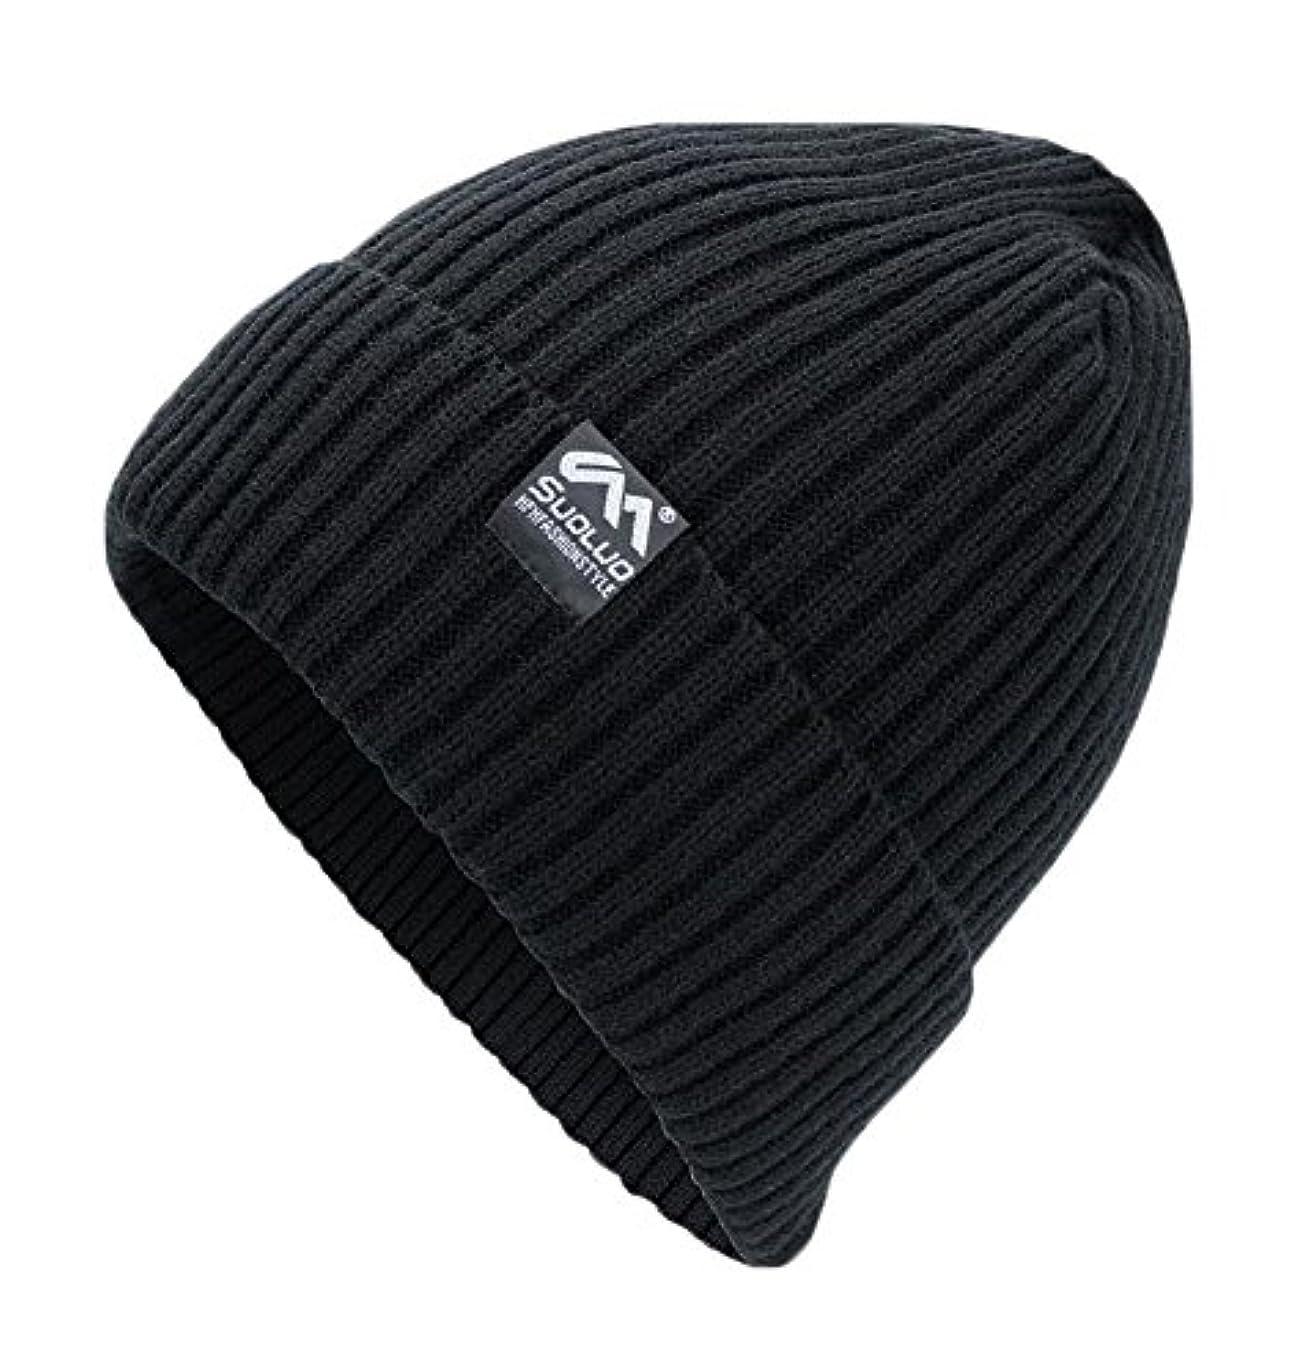 エンターテインメント車両結果として冬ニットウール暖かい帽子Daily Beanieキャップ